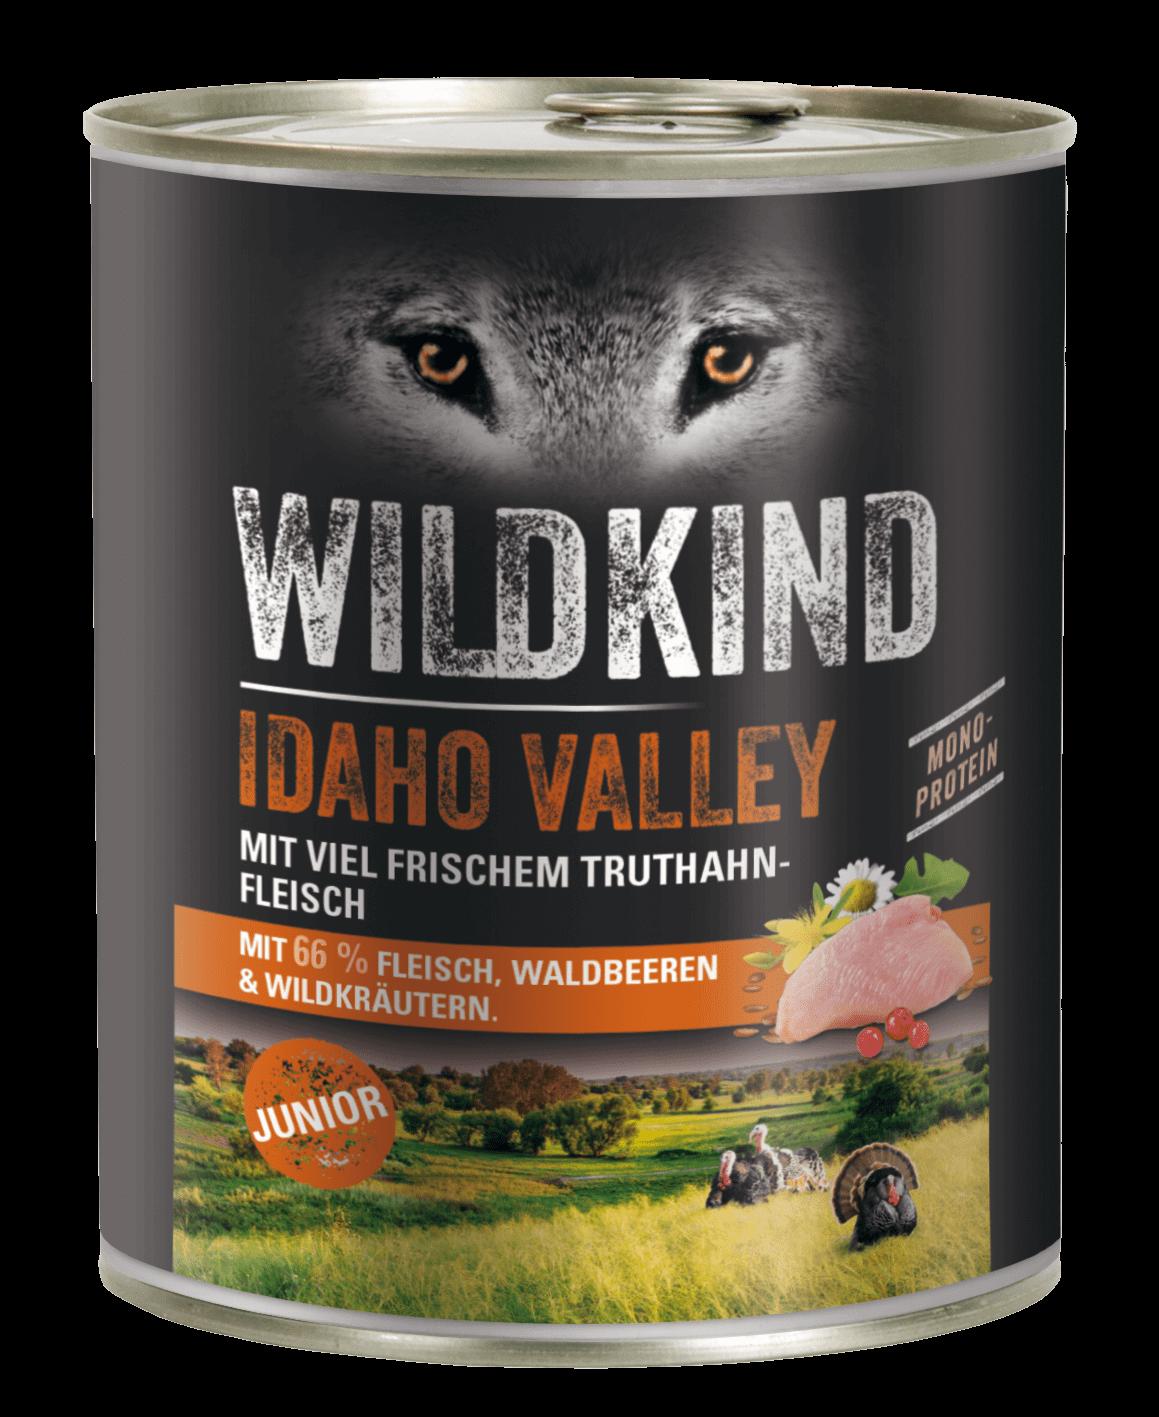 WILDKIND IDAHO VALLEY